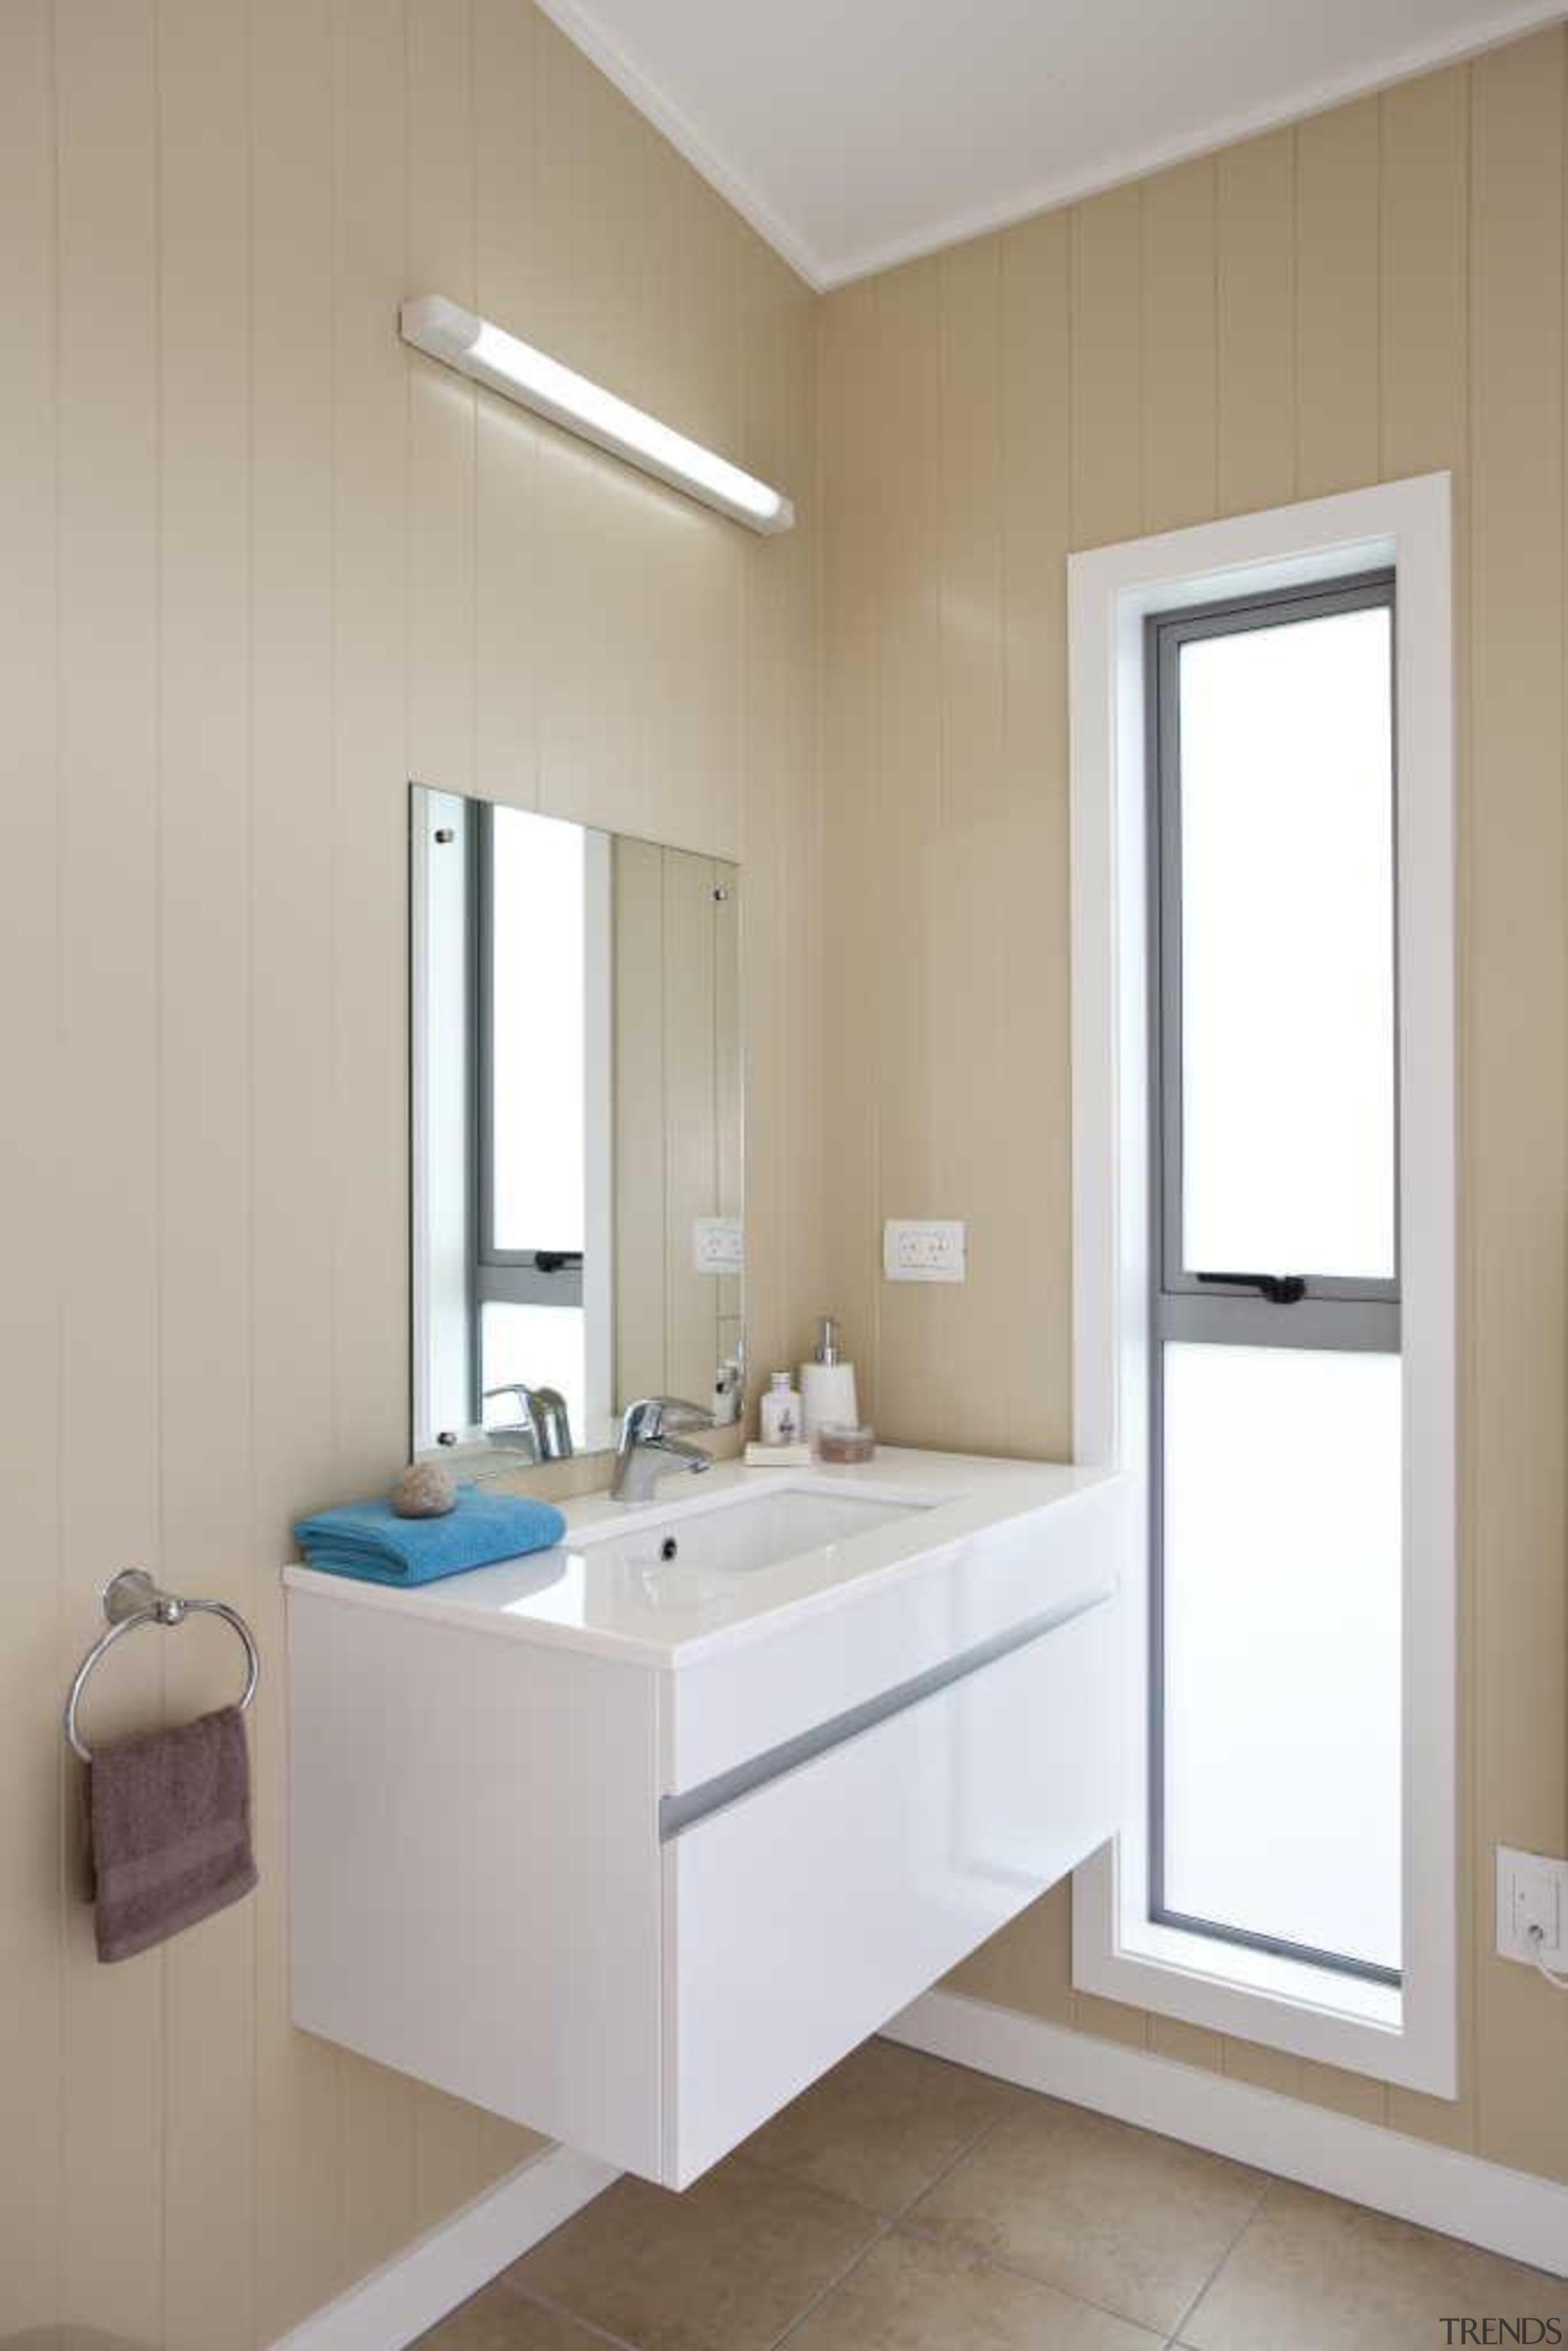 Vanity window contemporary - Bathroom - bathroom | bathroom, bathroom accessory, bathroom cabinet, bathroom sink, floor, interior design, plumbing fixture, room, sink, gray